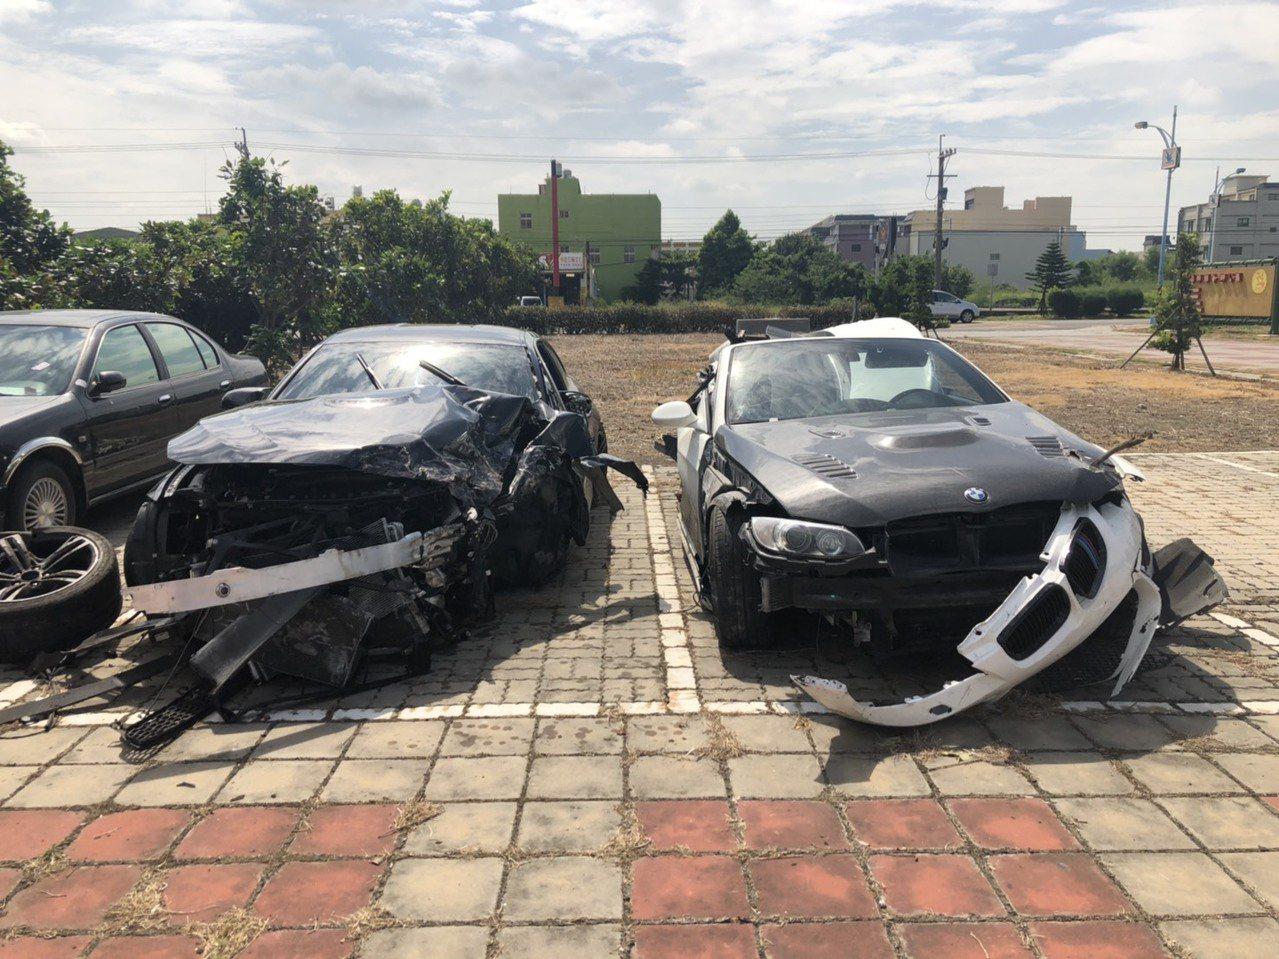 彰化縣伸港鄉濱二路昨天凌晨多輛名車疑競速,造成二輛BMW汽車追撞成廢鐵,造成3人...